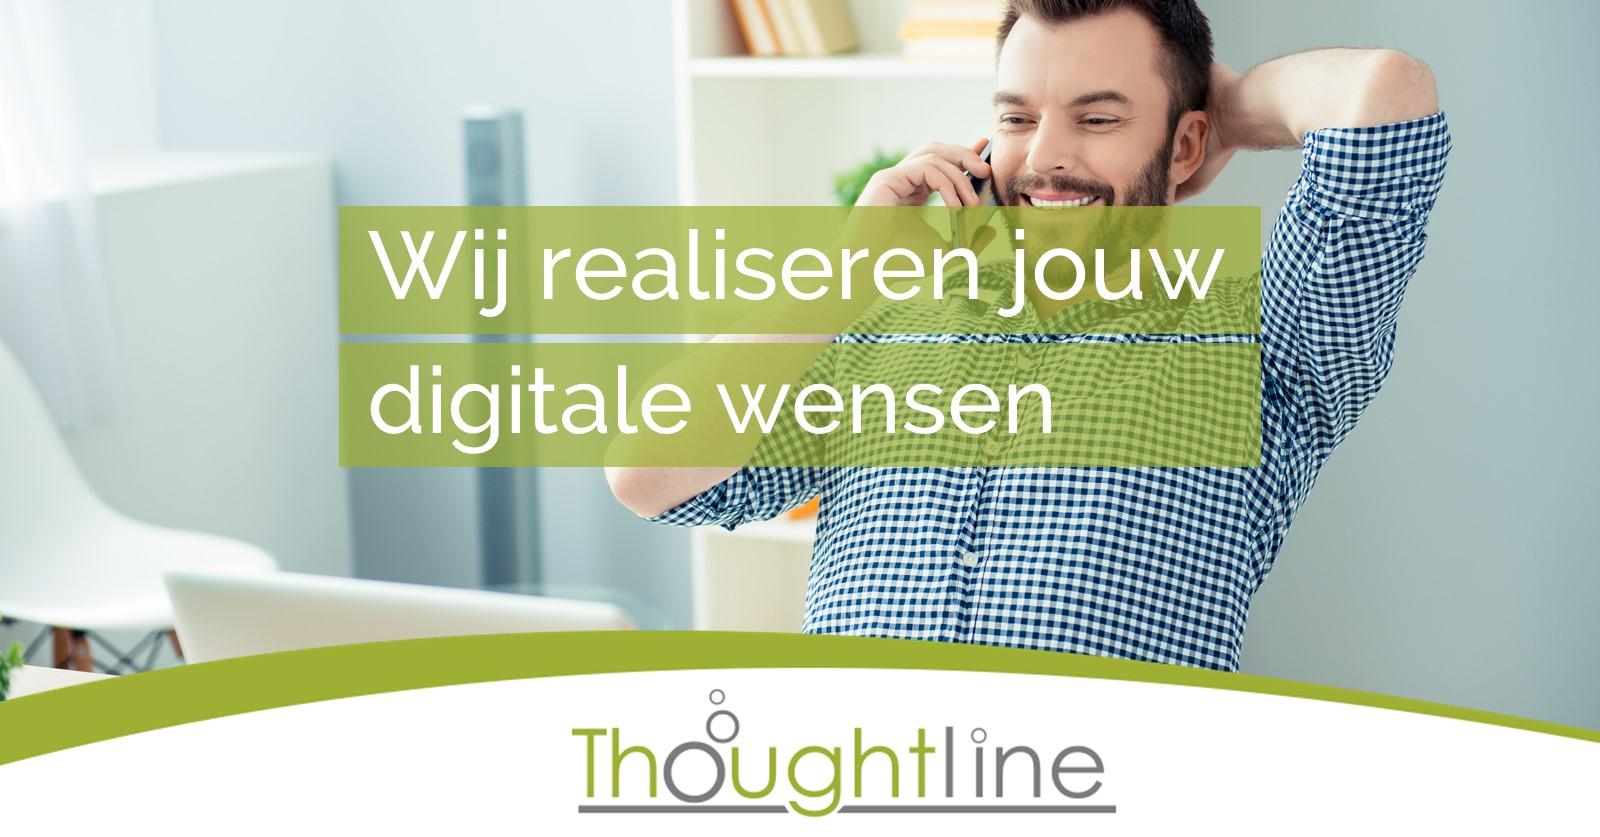 4. Wij realiseren jouw digitale wensen Facebook